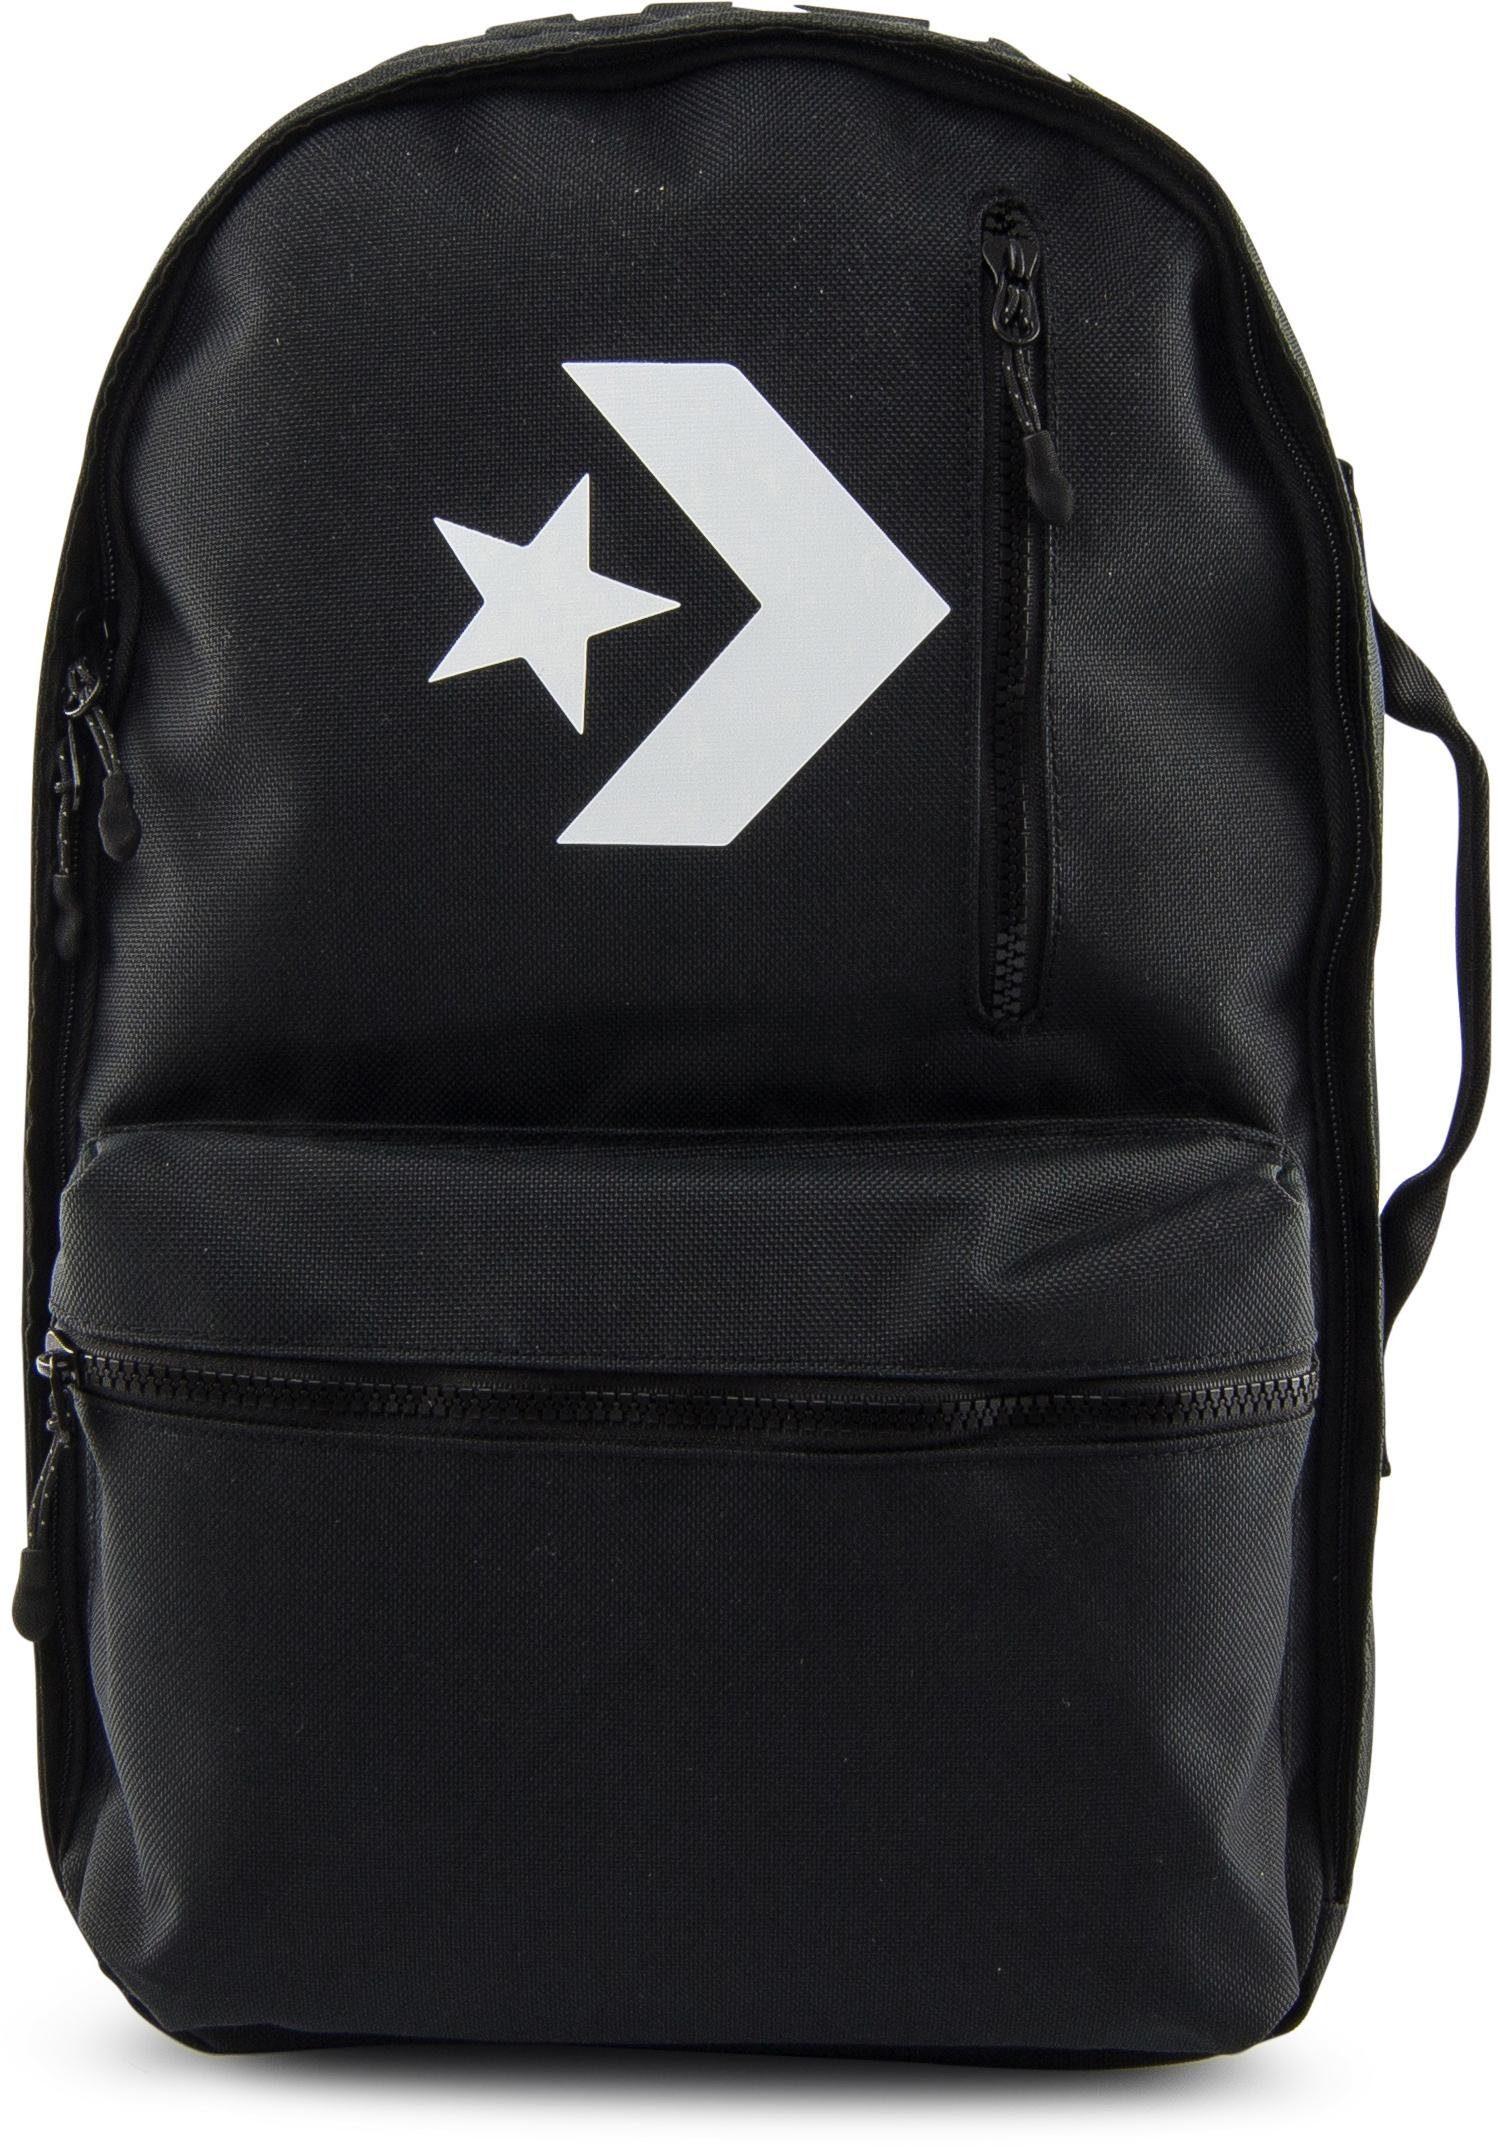 Converse Rucksack, »Street 22 Backpack, Black«